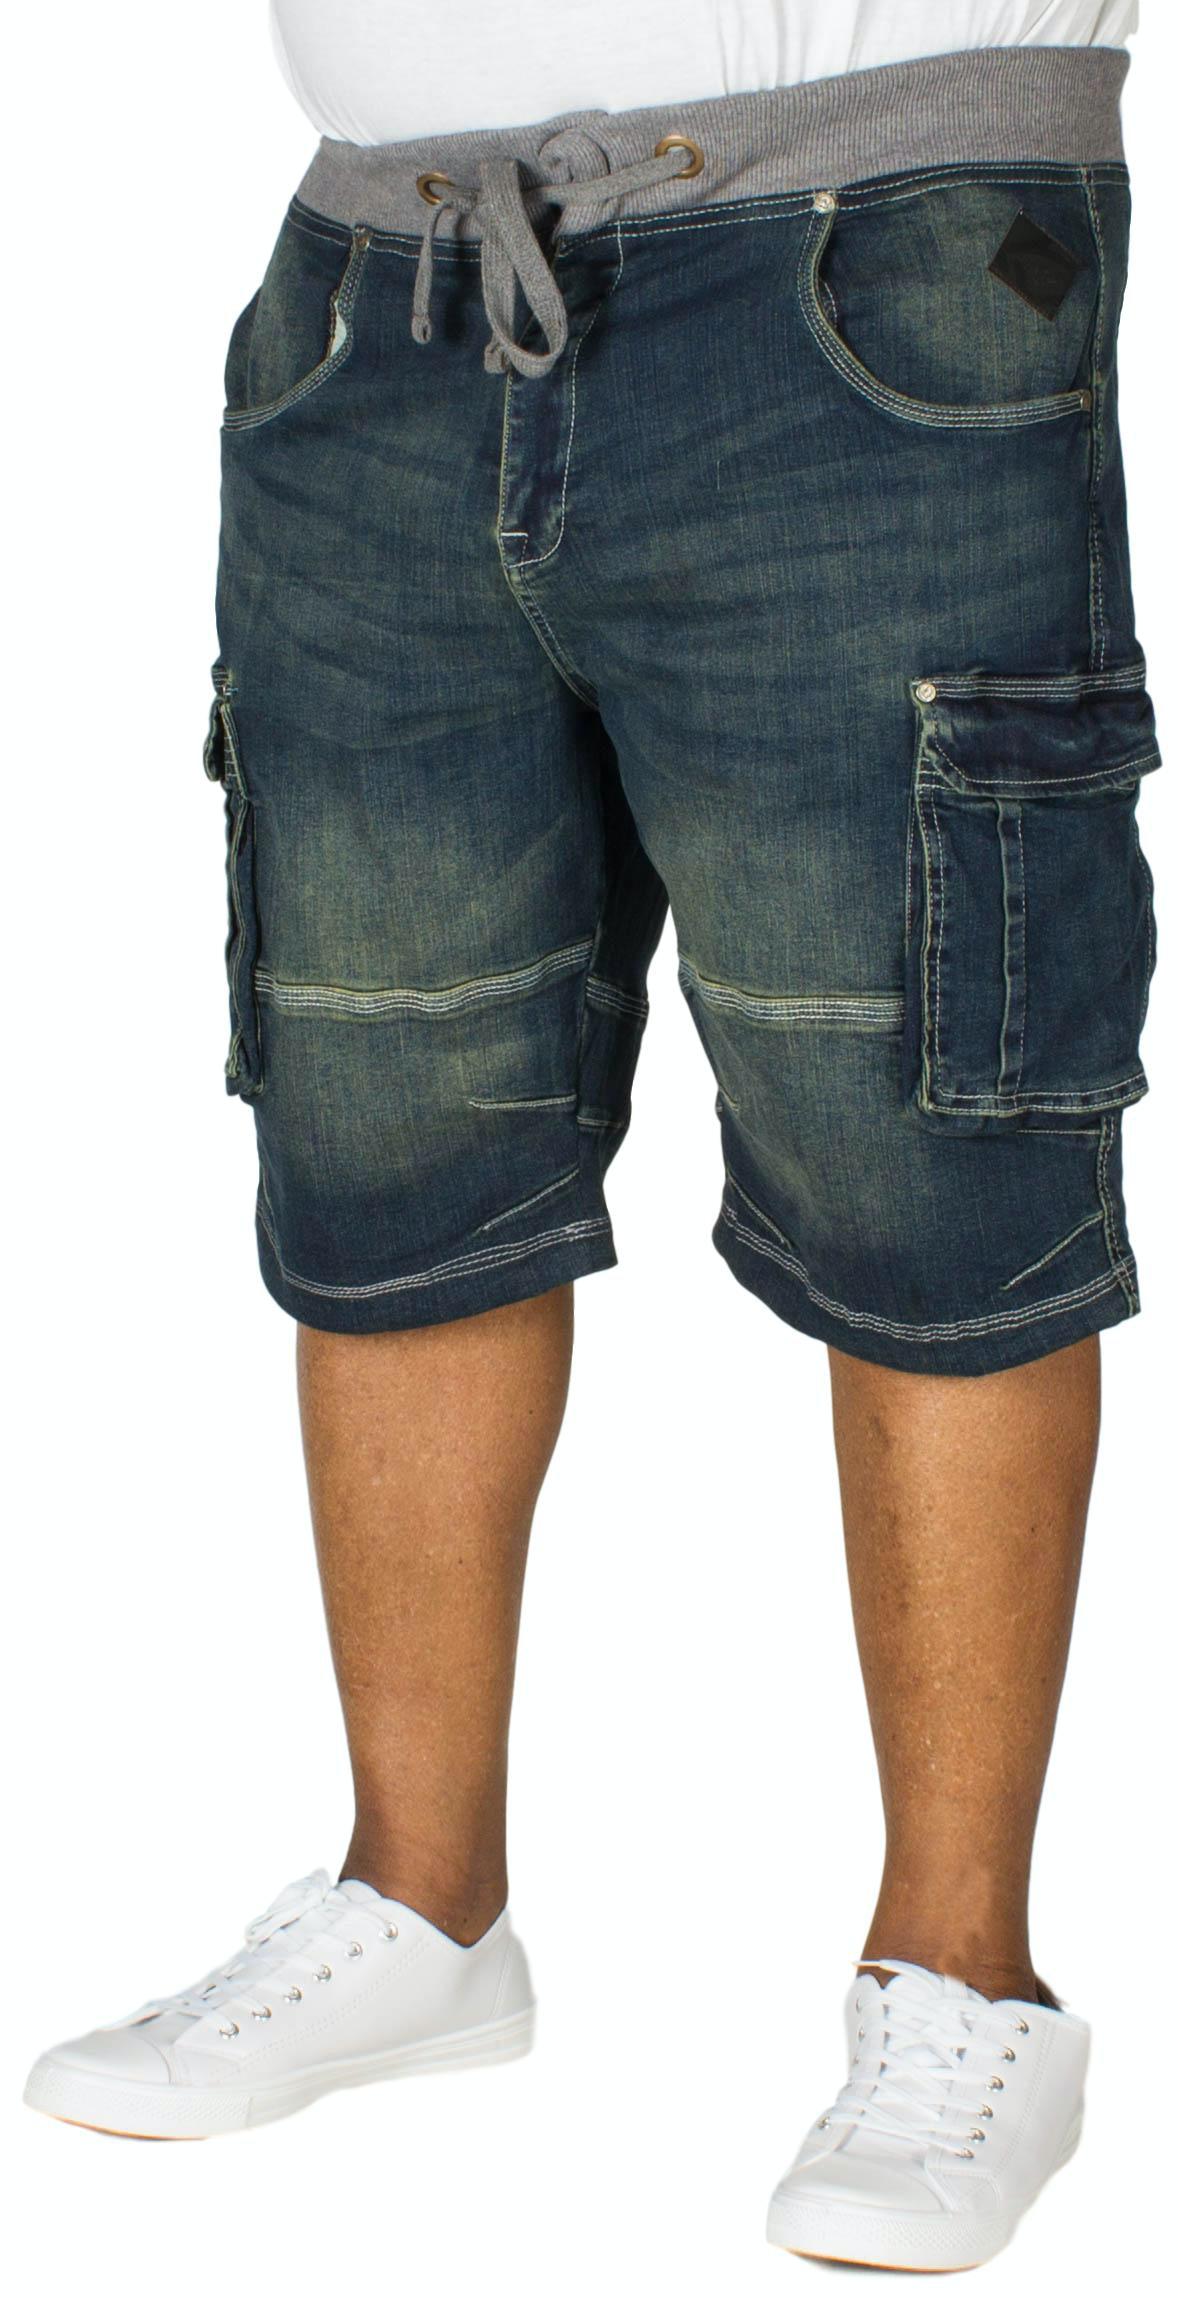 KAM Dito Denim Shorts Dark Used